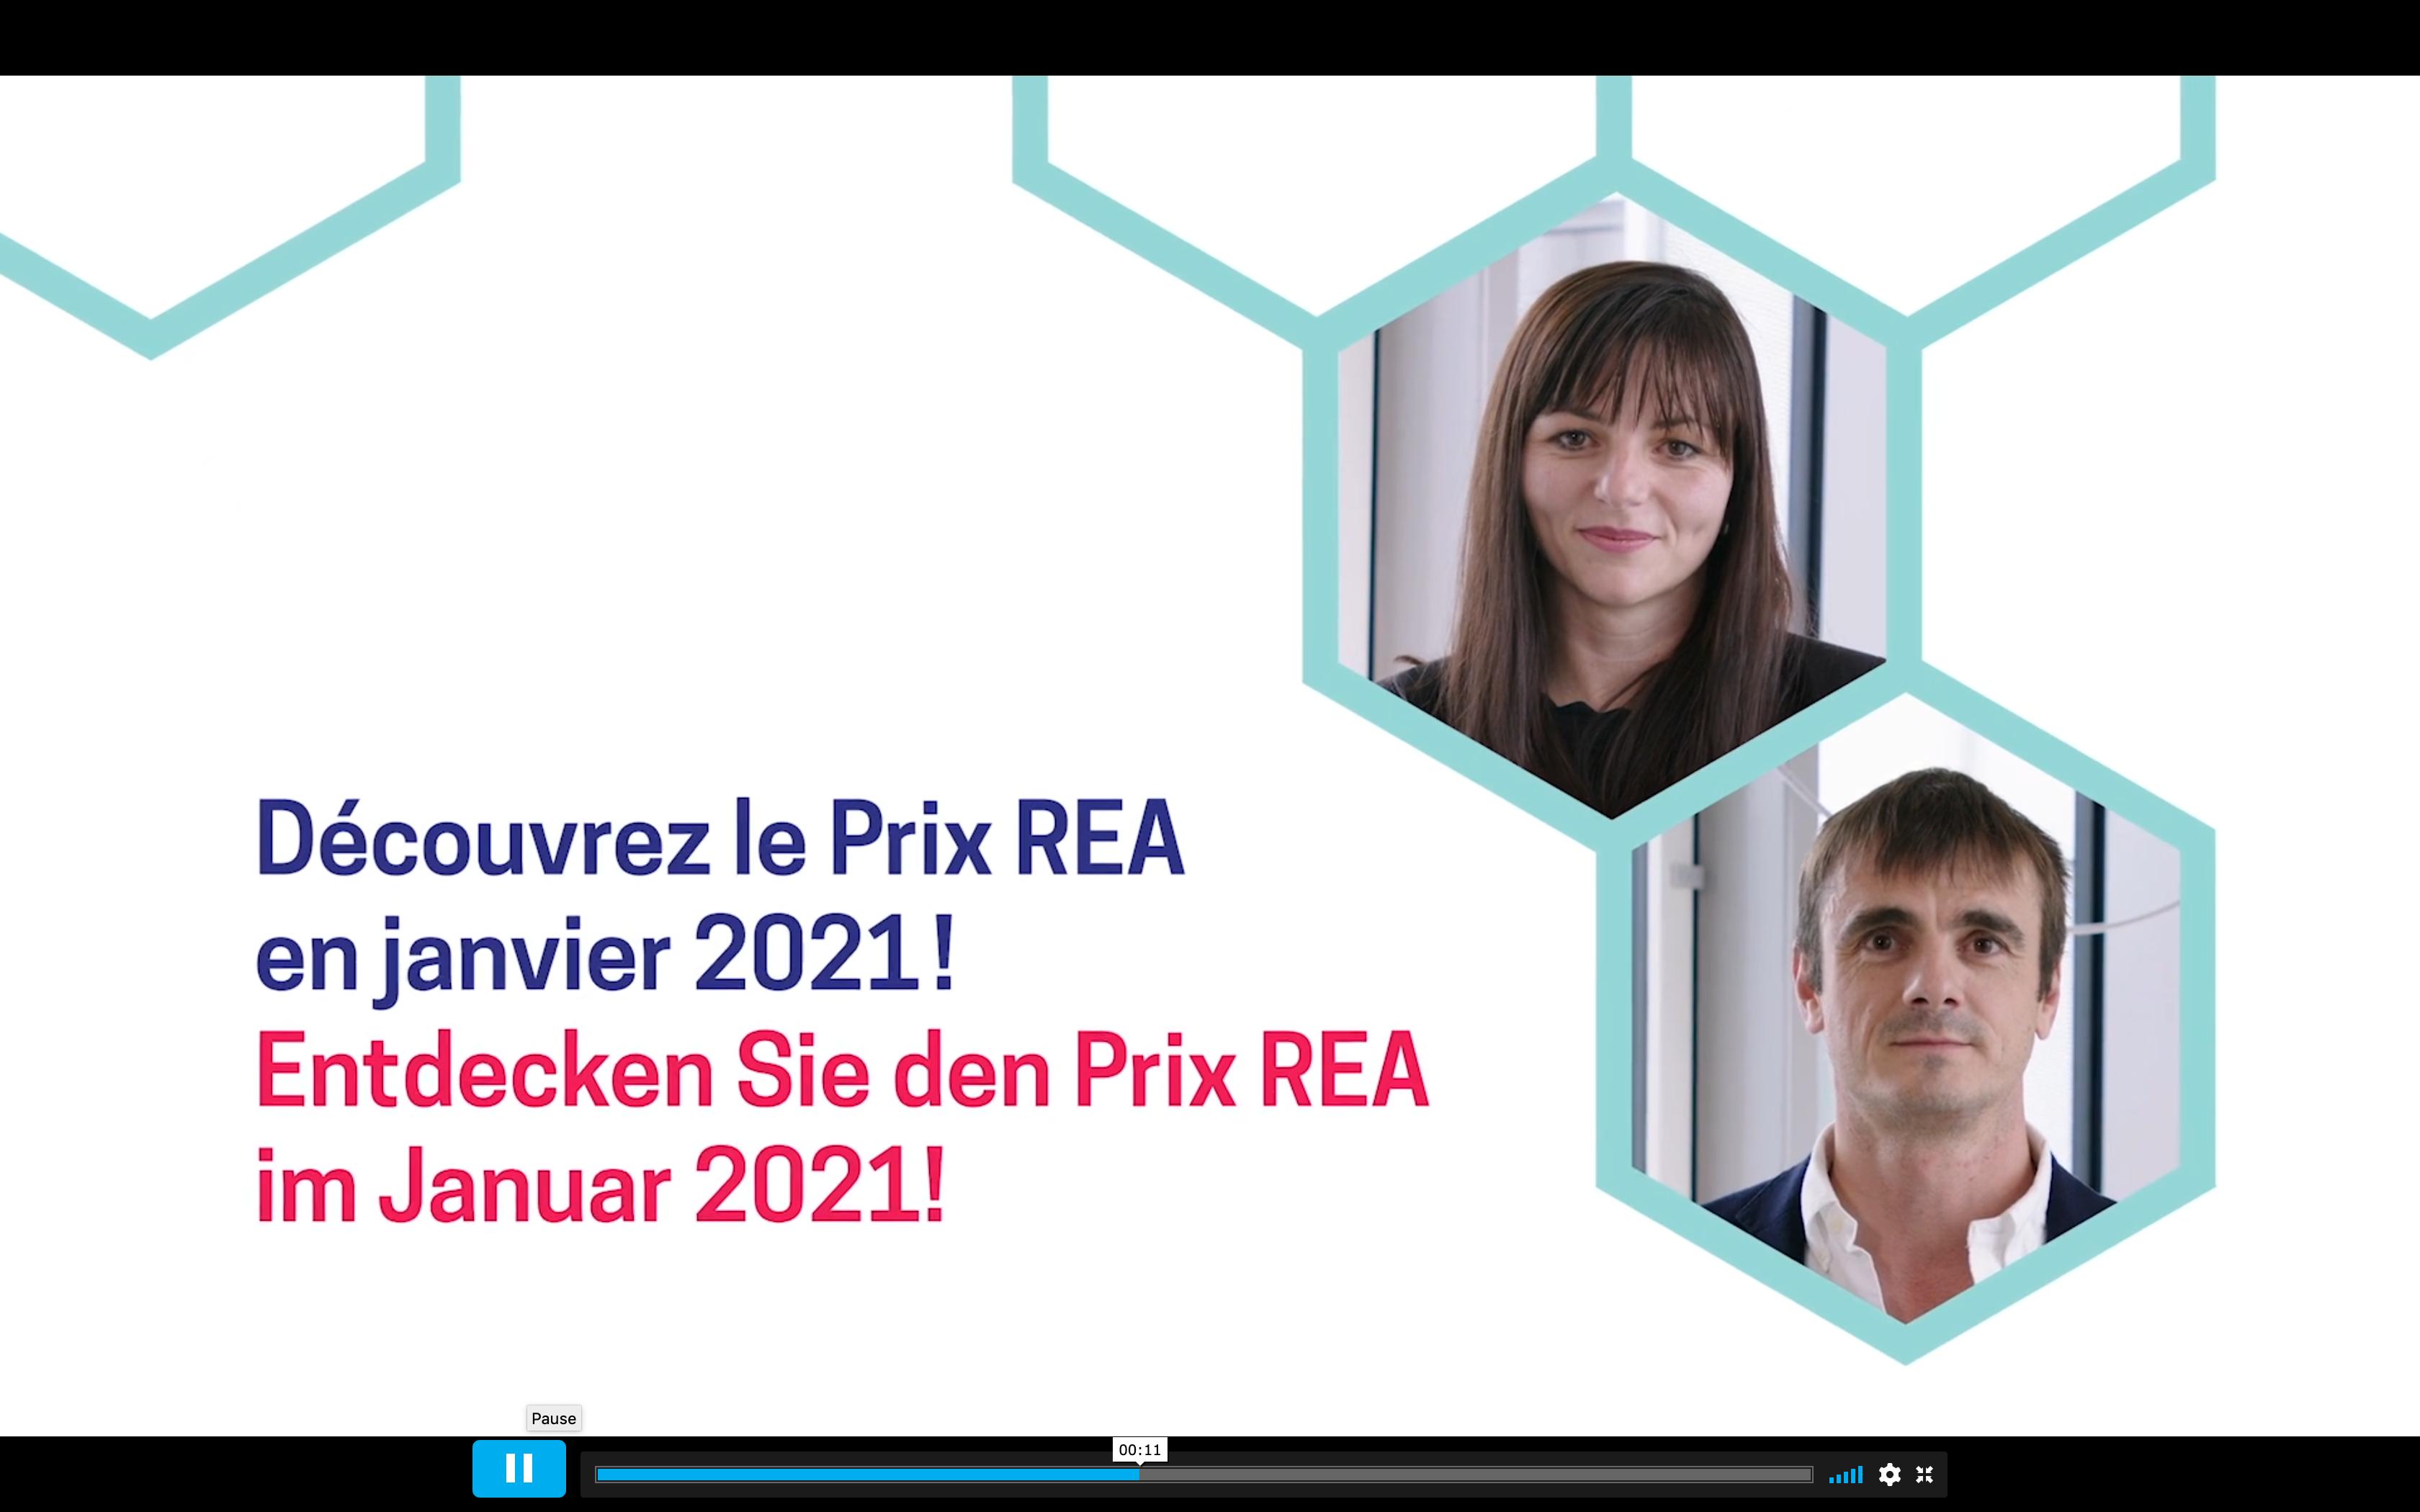 Office AI Fribourg - Le virtuel a donné vie au Prix REA 2020